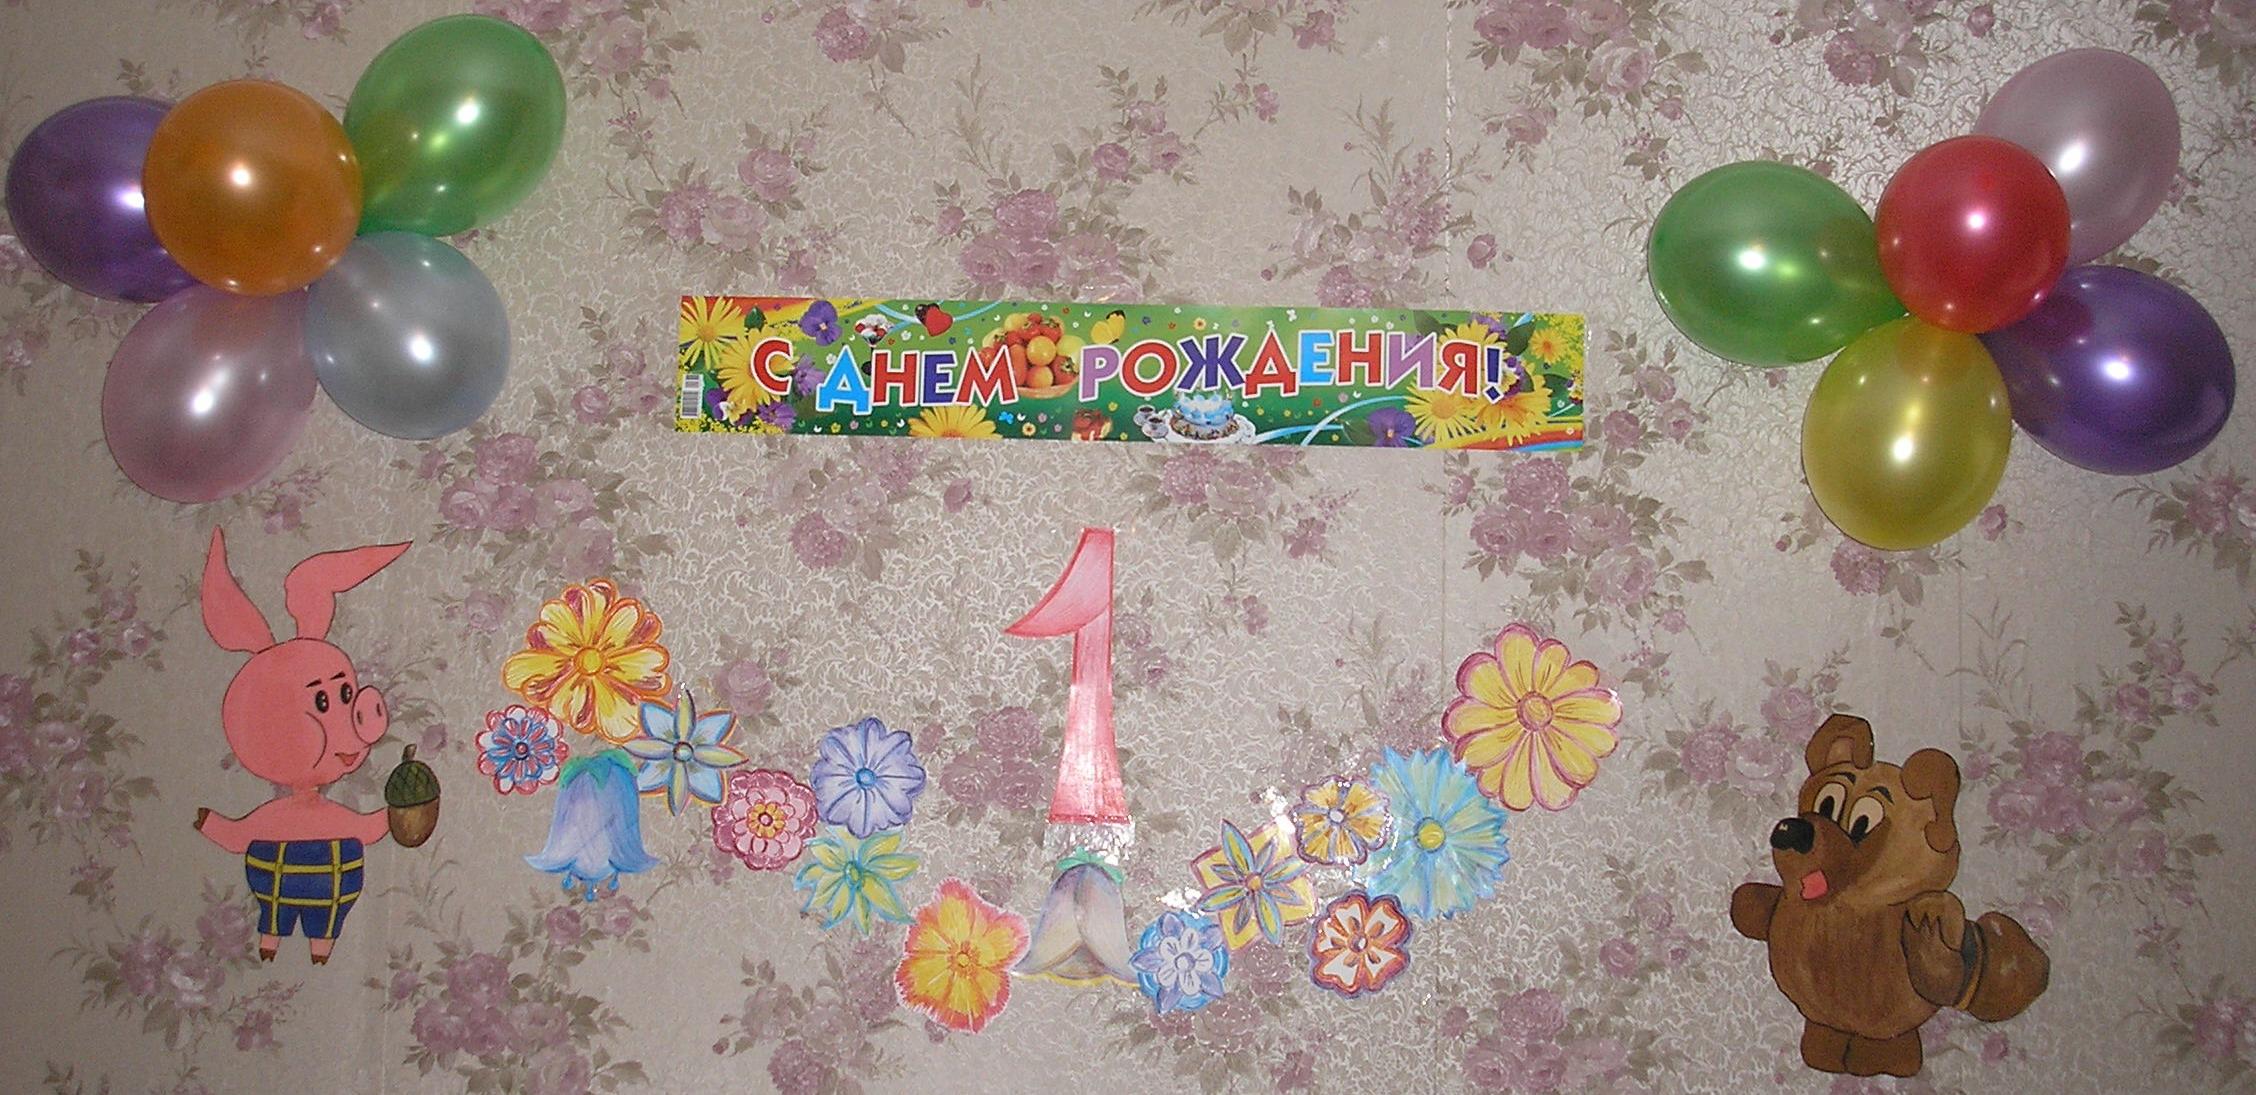 Украшение воздушными шарами день рождения своими руками фото 917